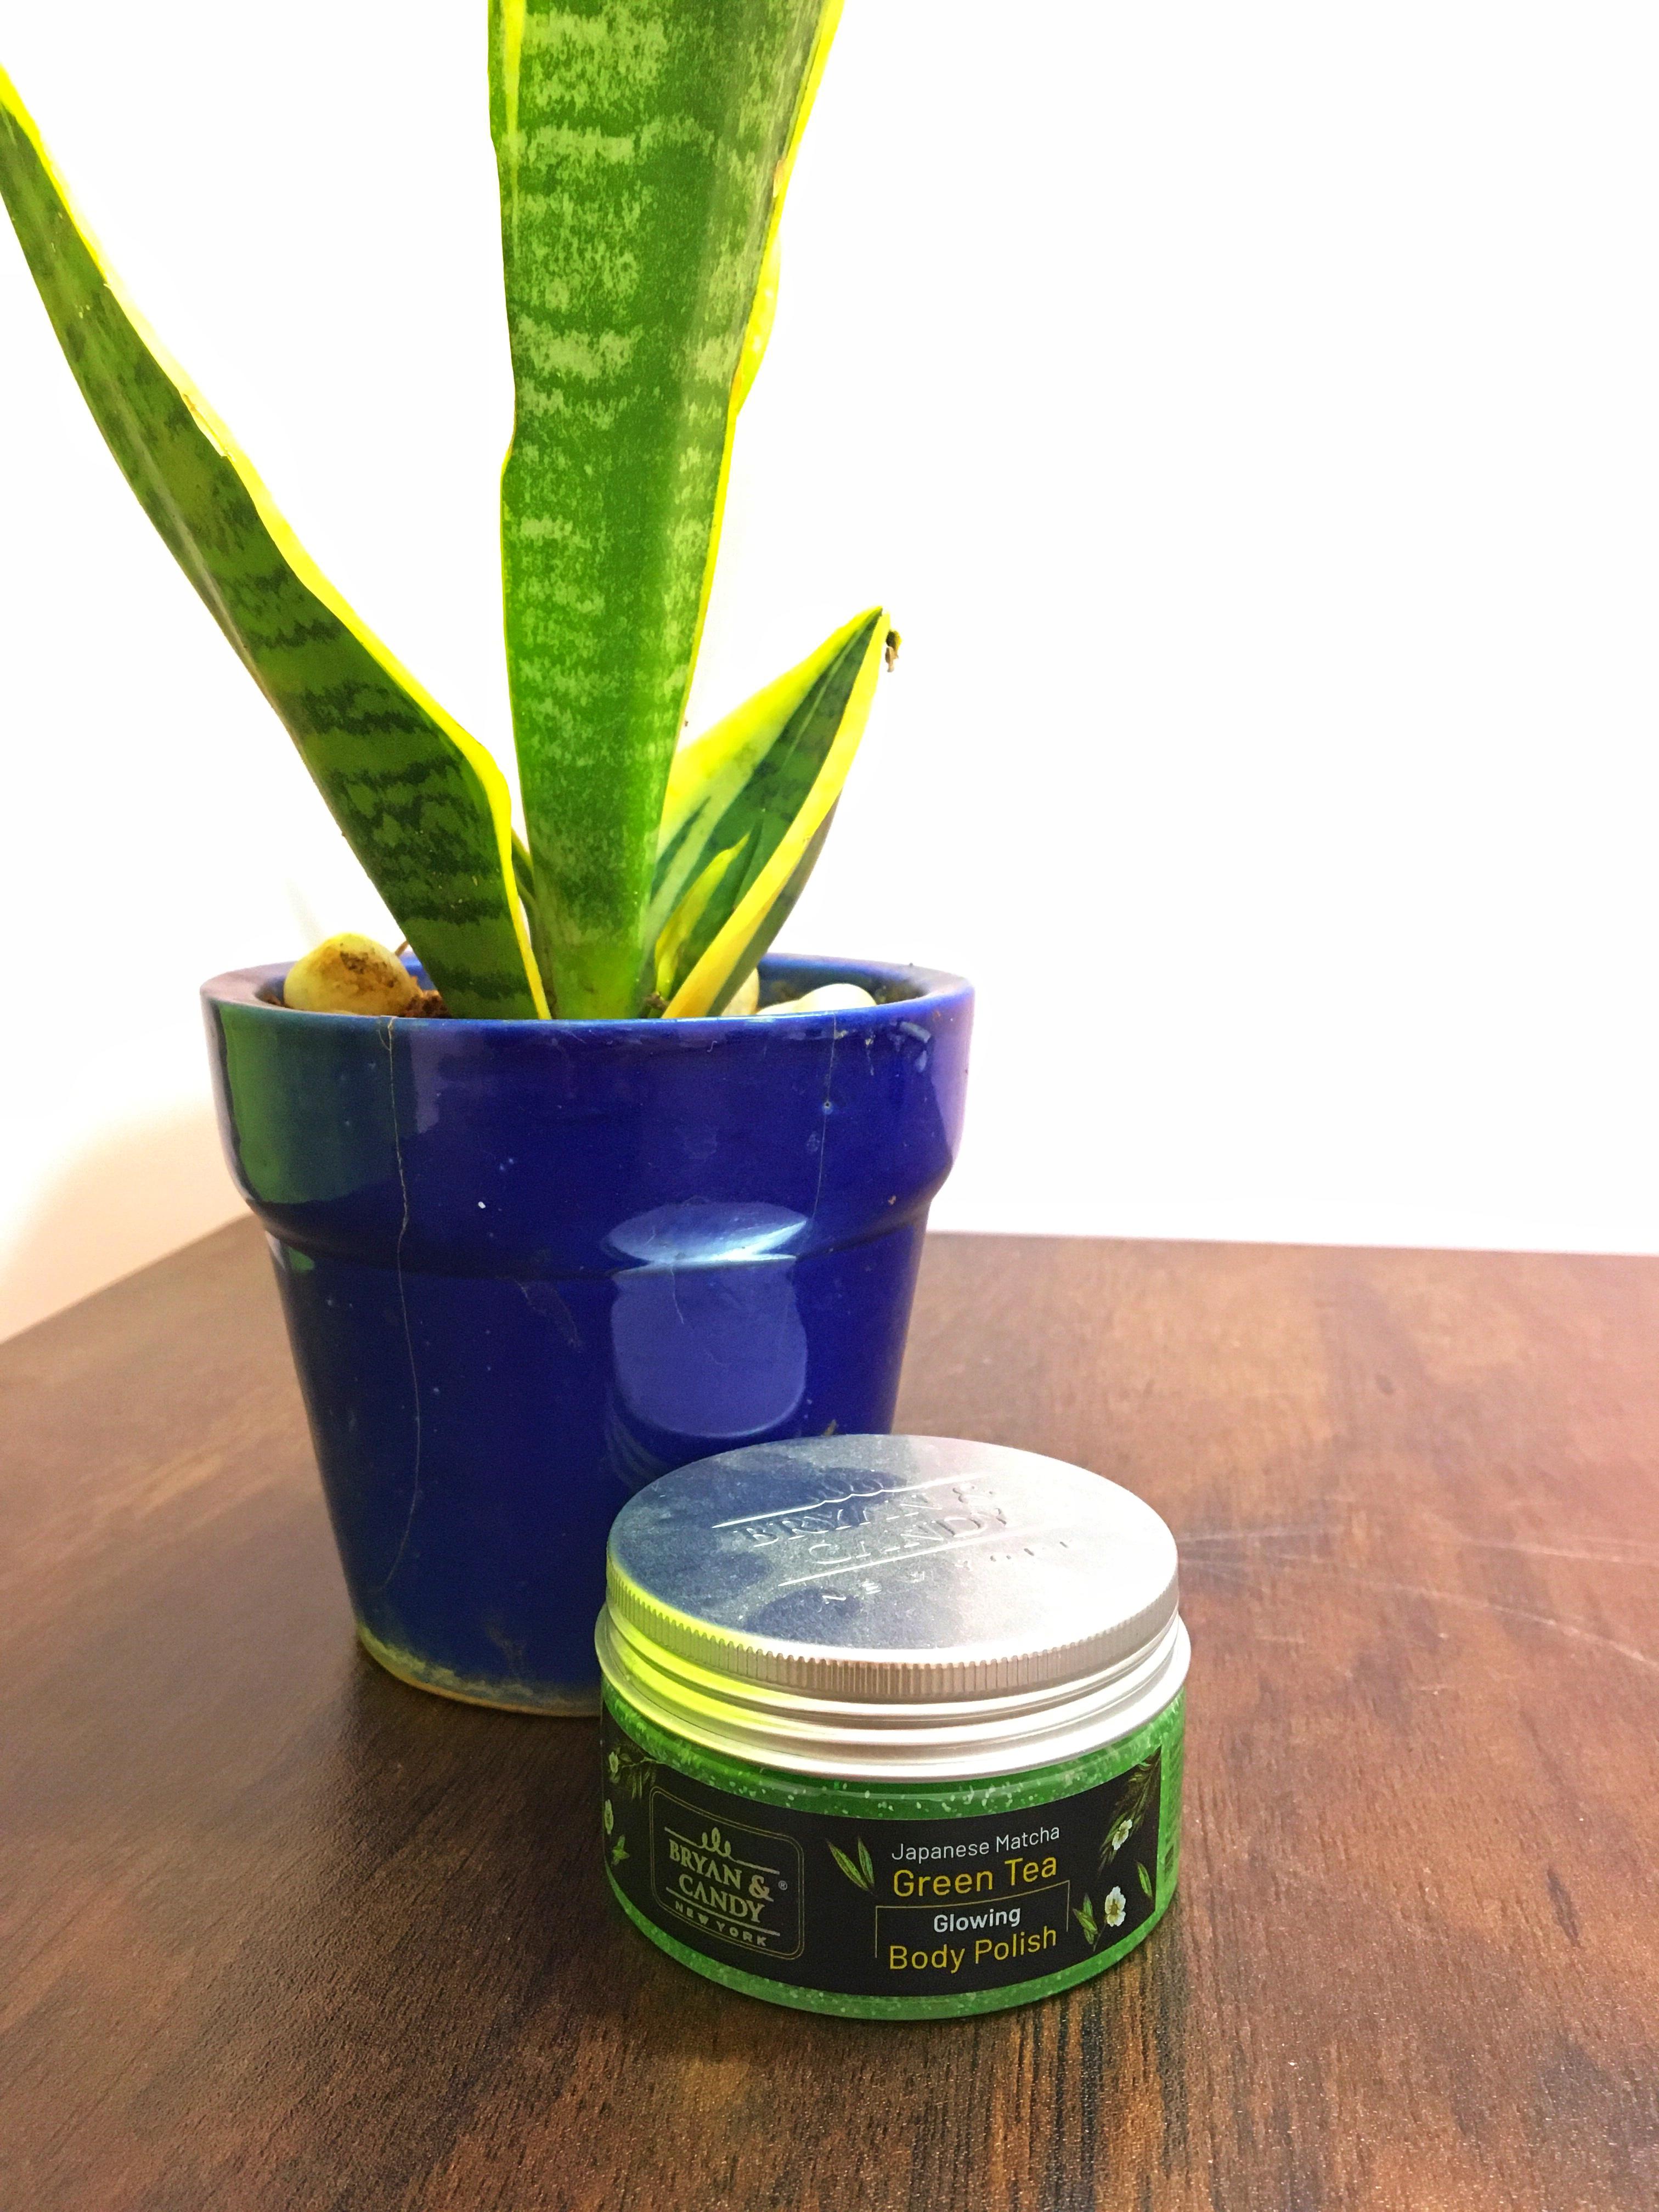 Bryan & Candy New York Green Tea Body Polish-Amazing body Polish gel-By anwesha.sarkar9-1